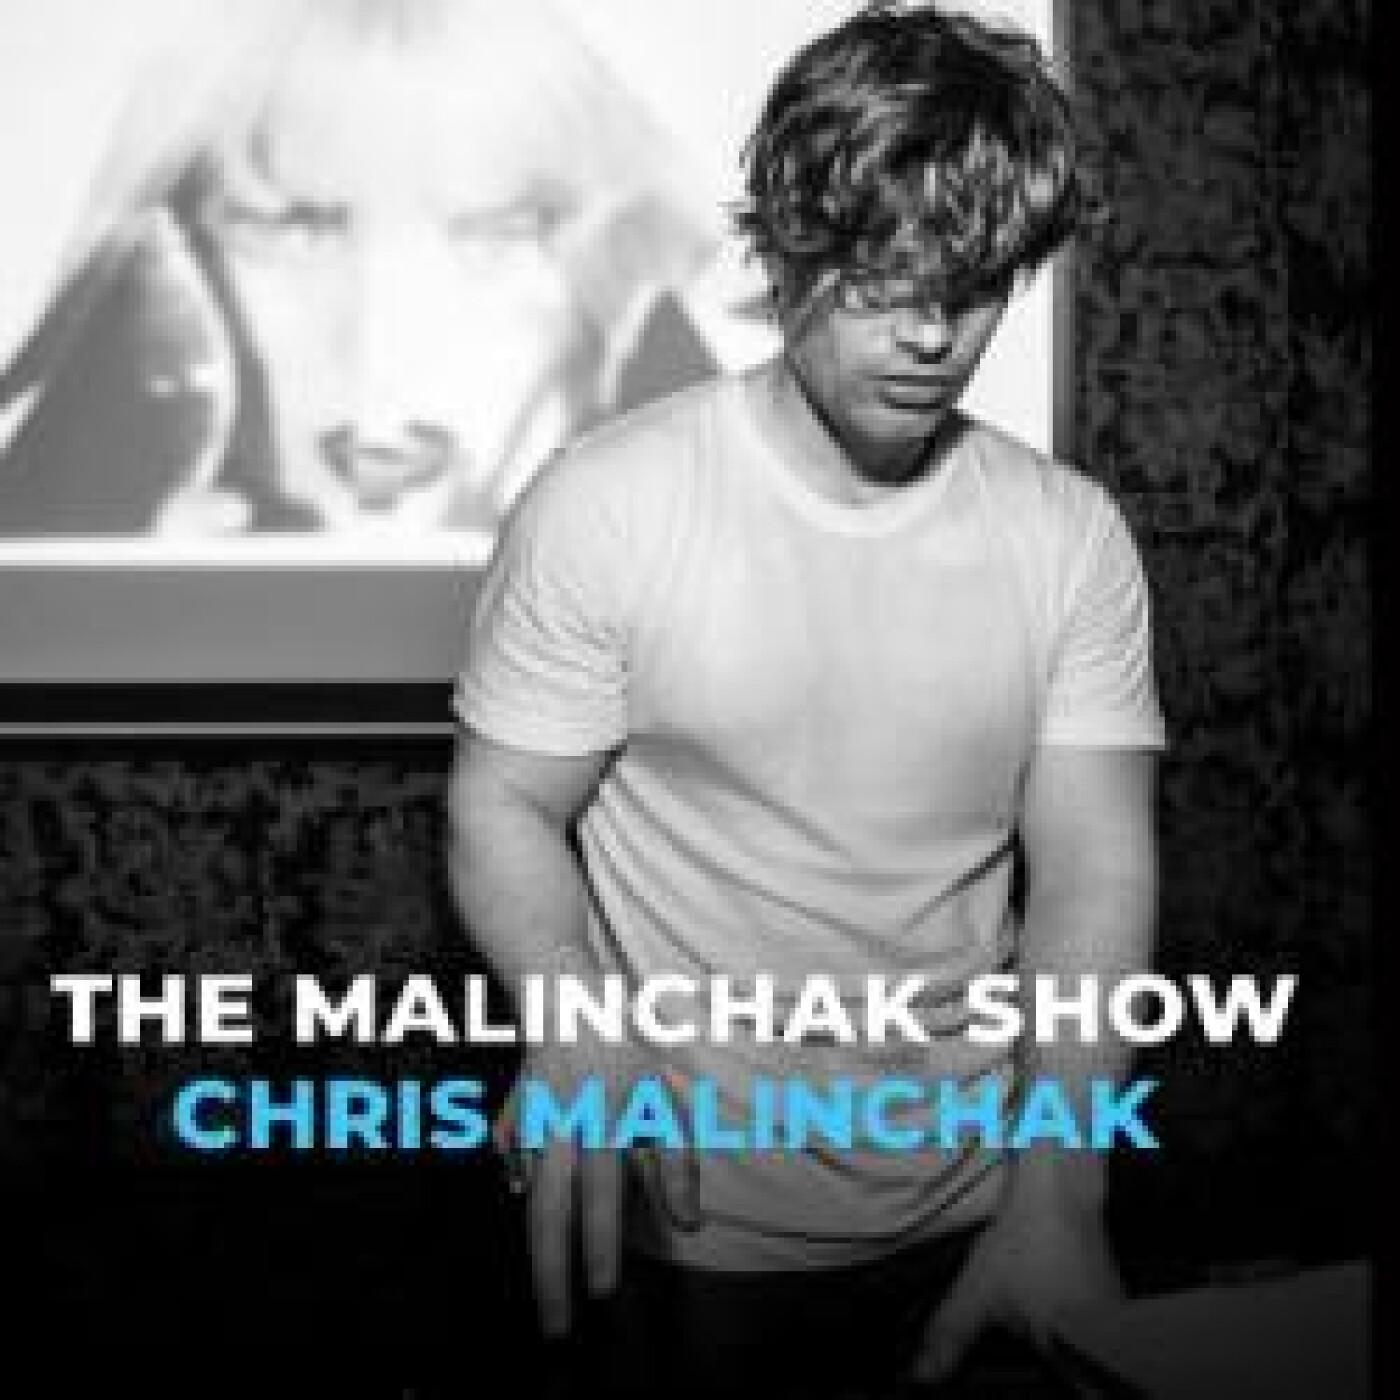 THE MALINCHAK SHOW DU 26 MAI 2021